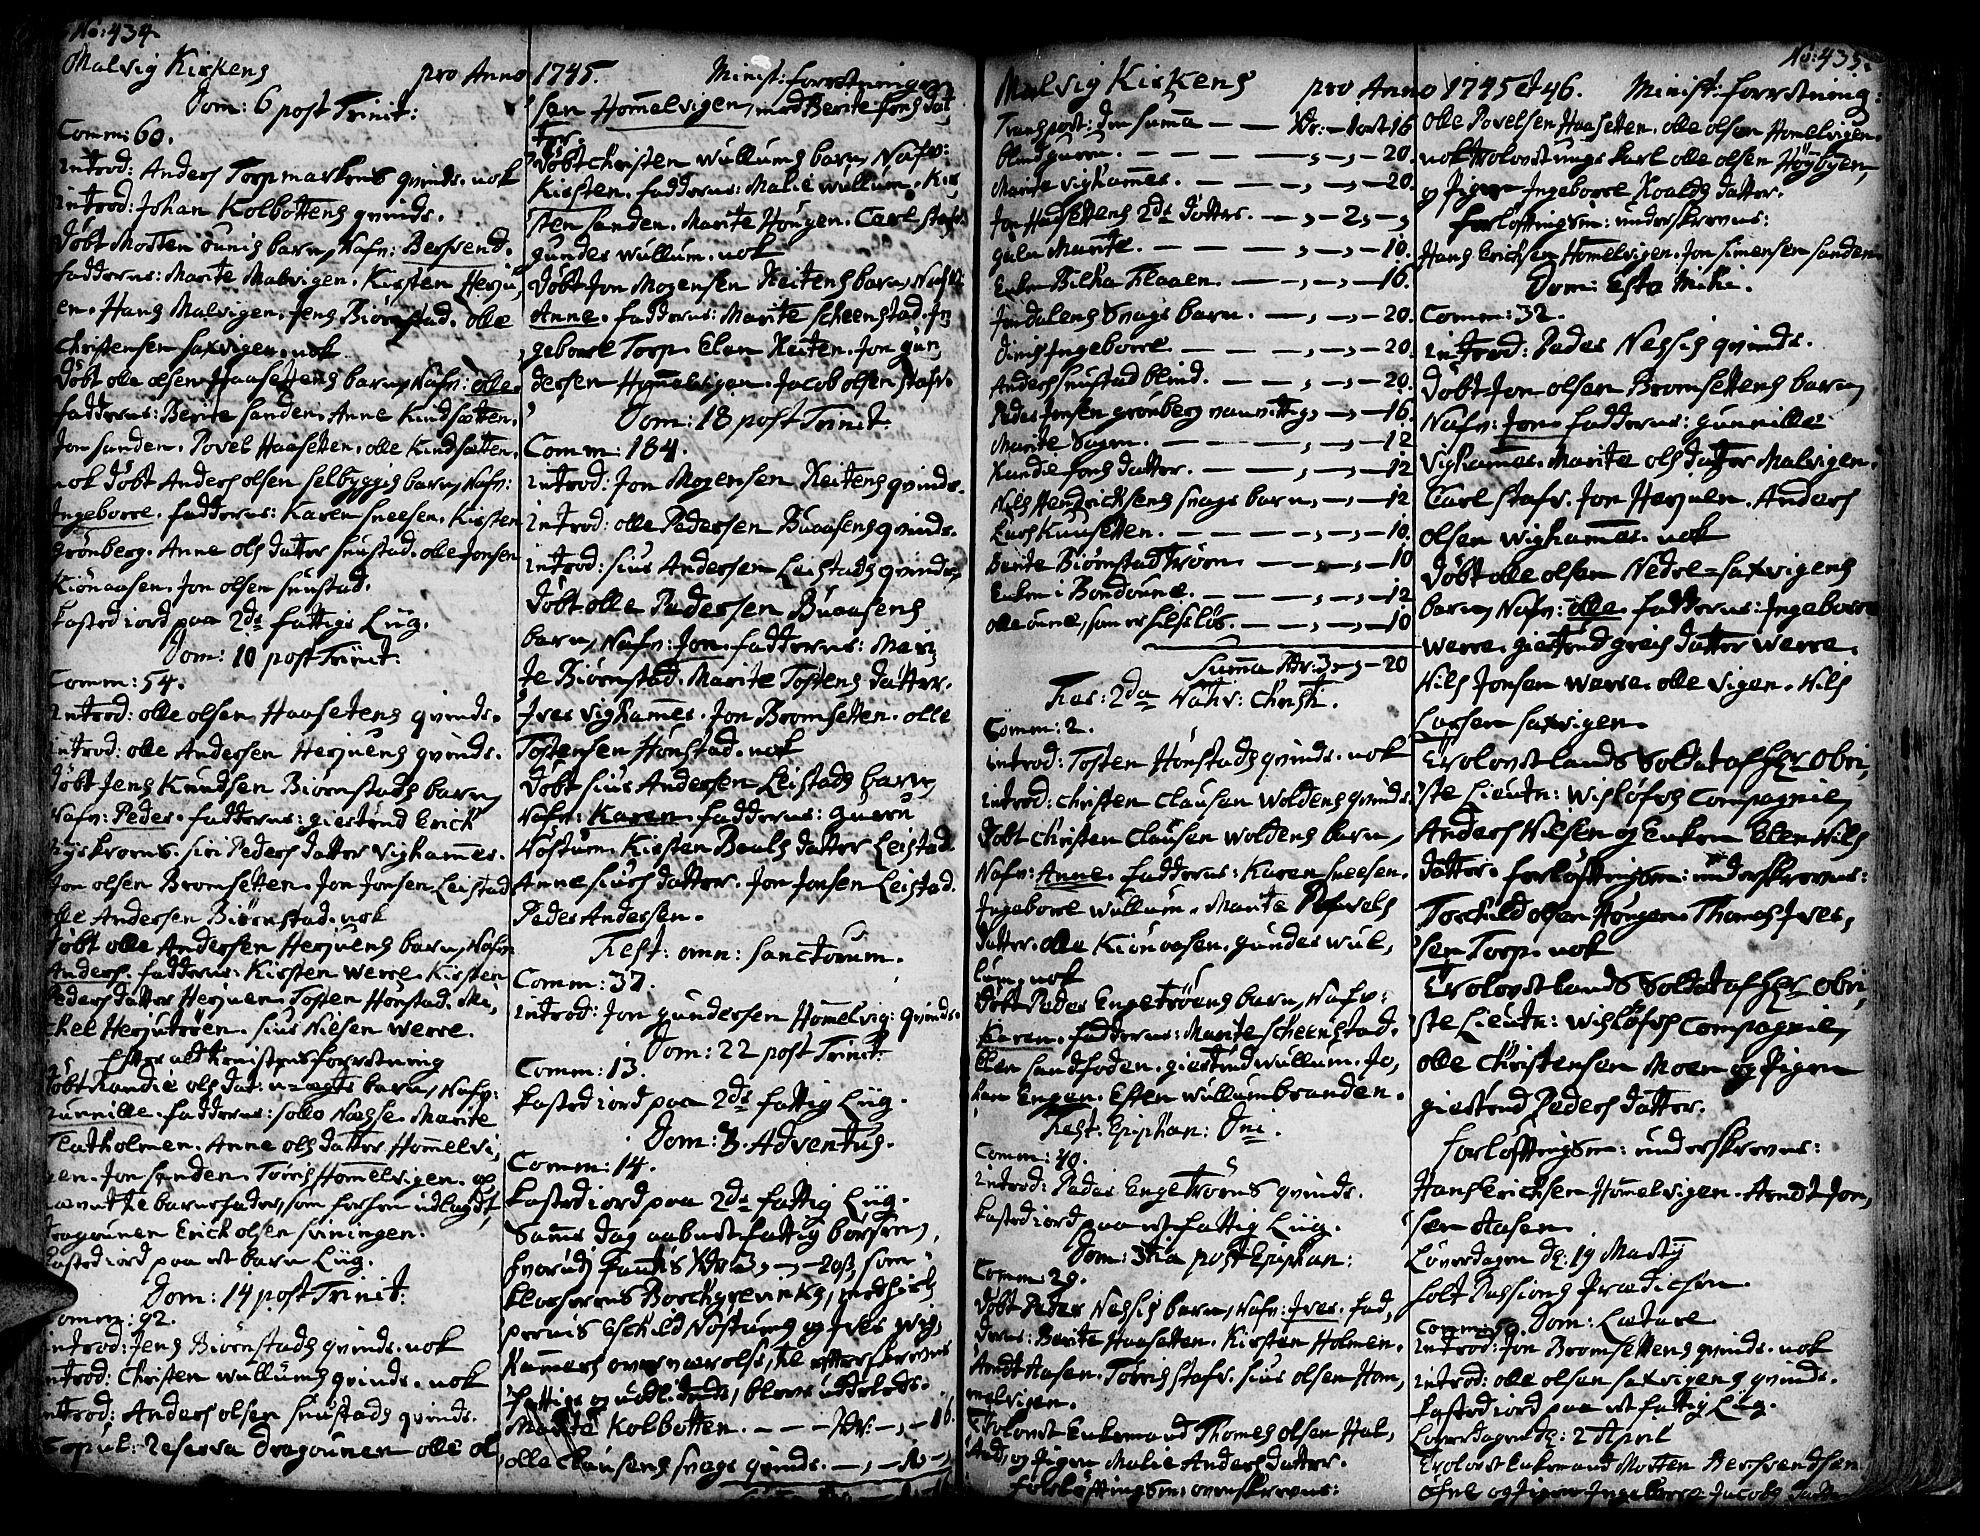 SAT, Ministerialprotokoller, klokkerbøker og fødselsregistre - Sør-Trøndelag, 606/L0277: Ministerialbok nr. 606A01 /3, 1727-1780, s. 434-435